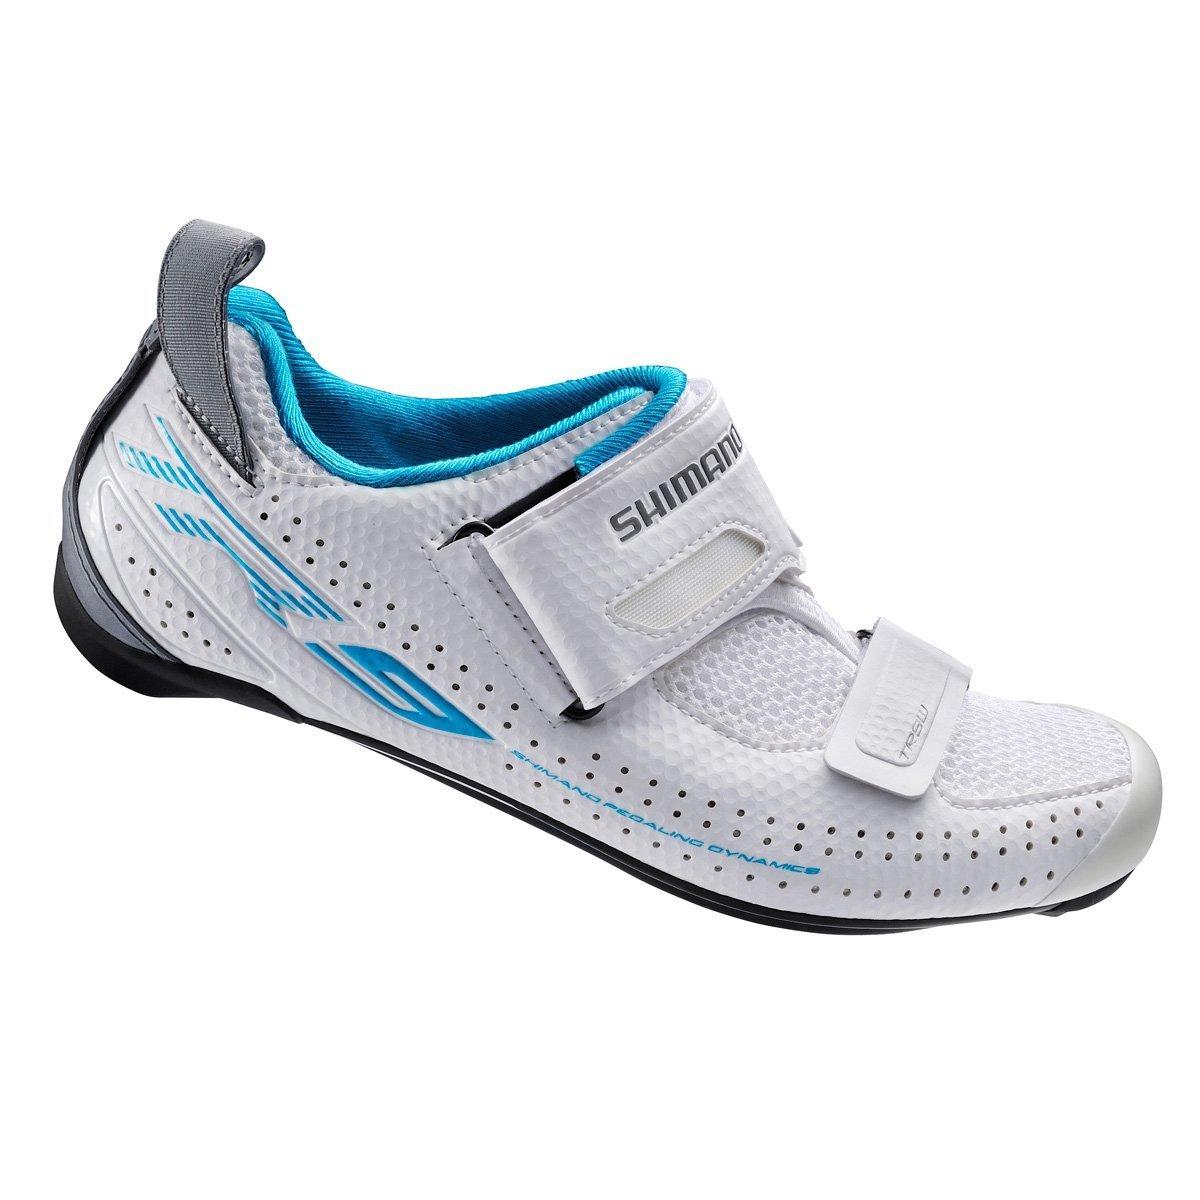 SHIMANO SH-TR9 Cycling Shoe ESHTR9NC390SB00